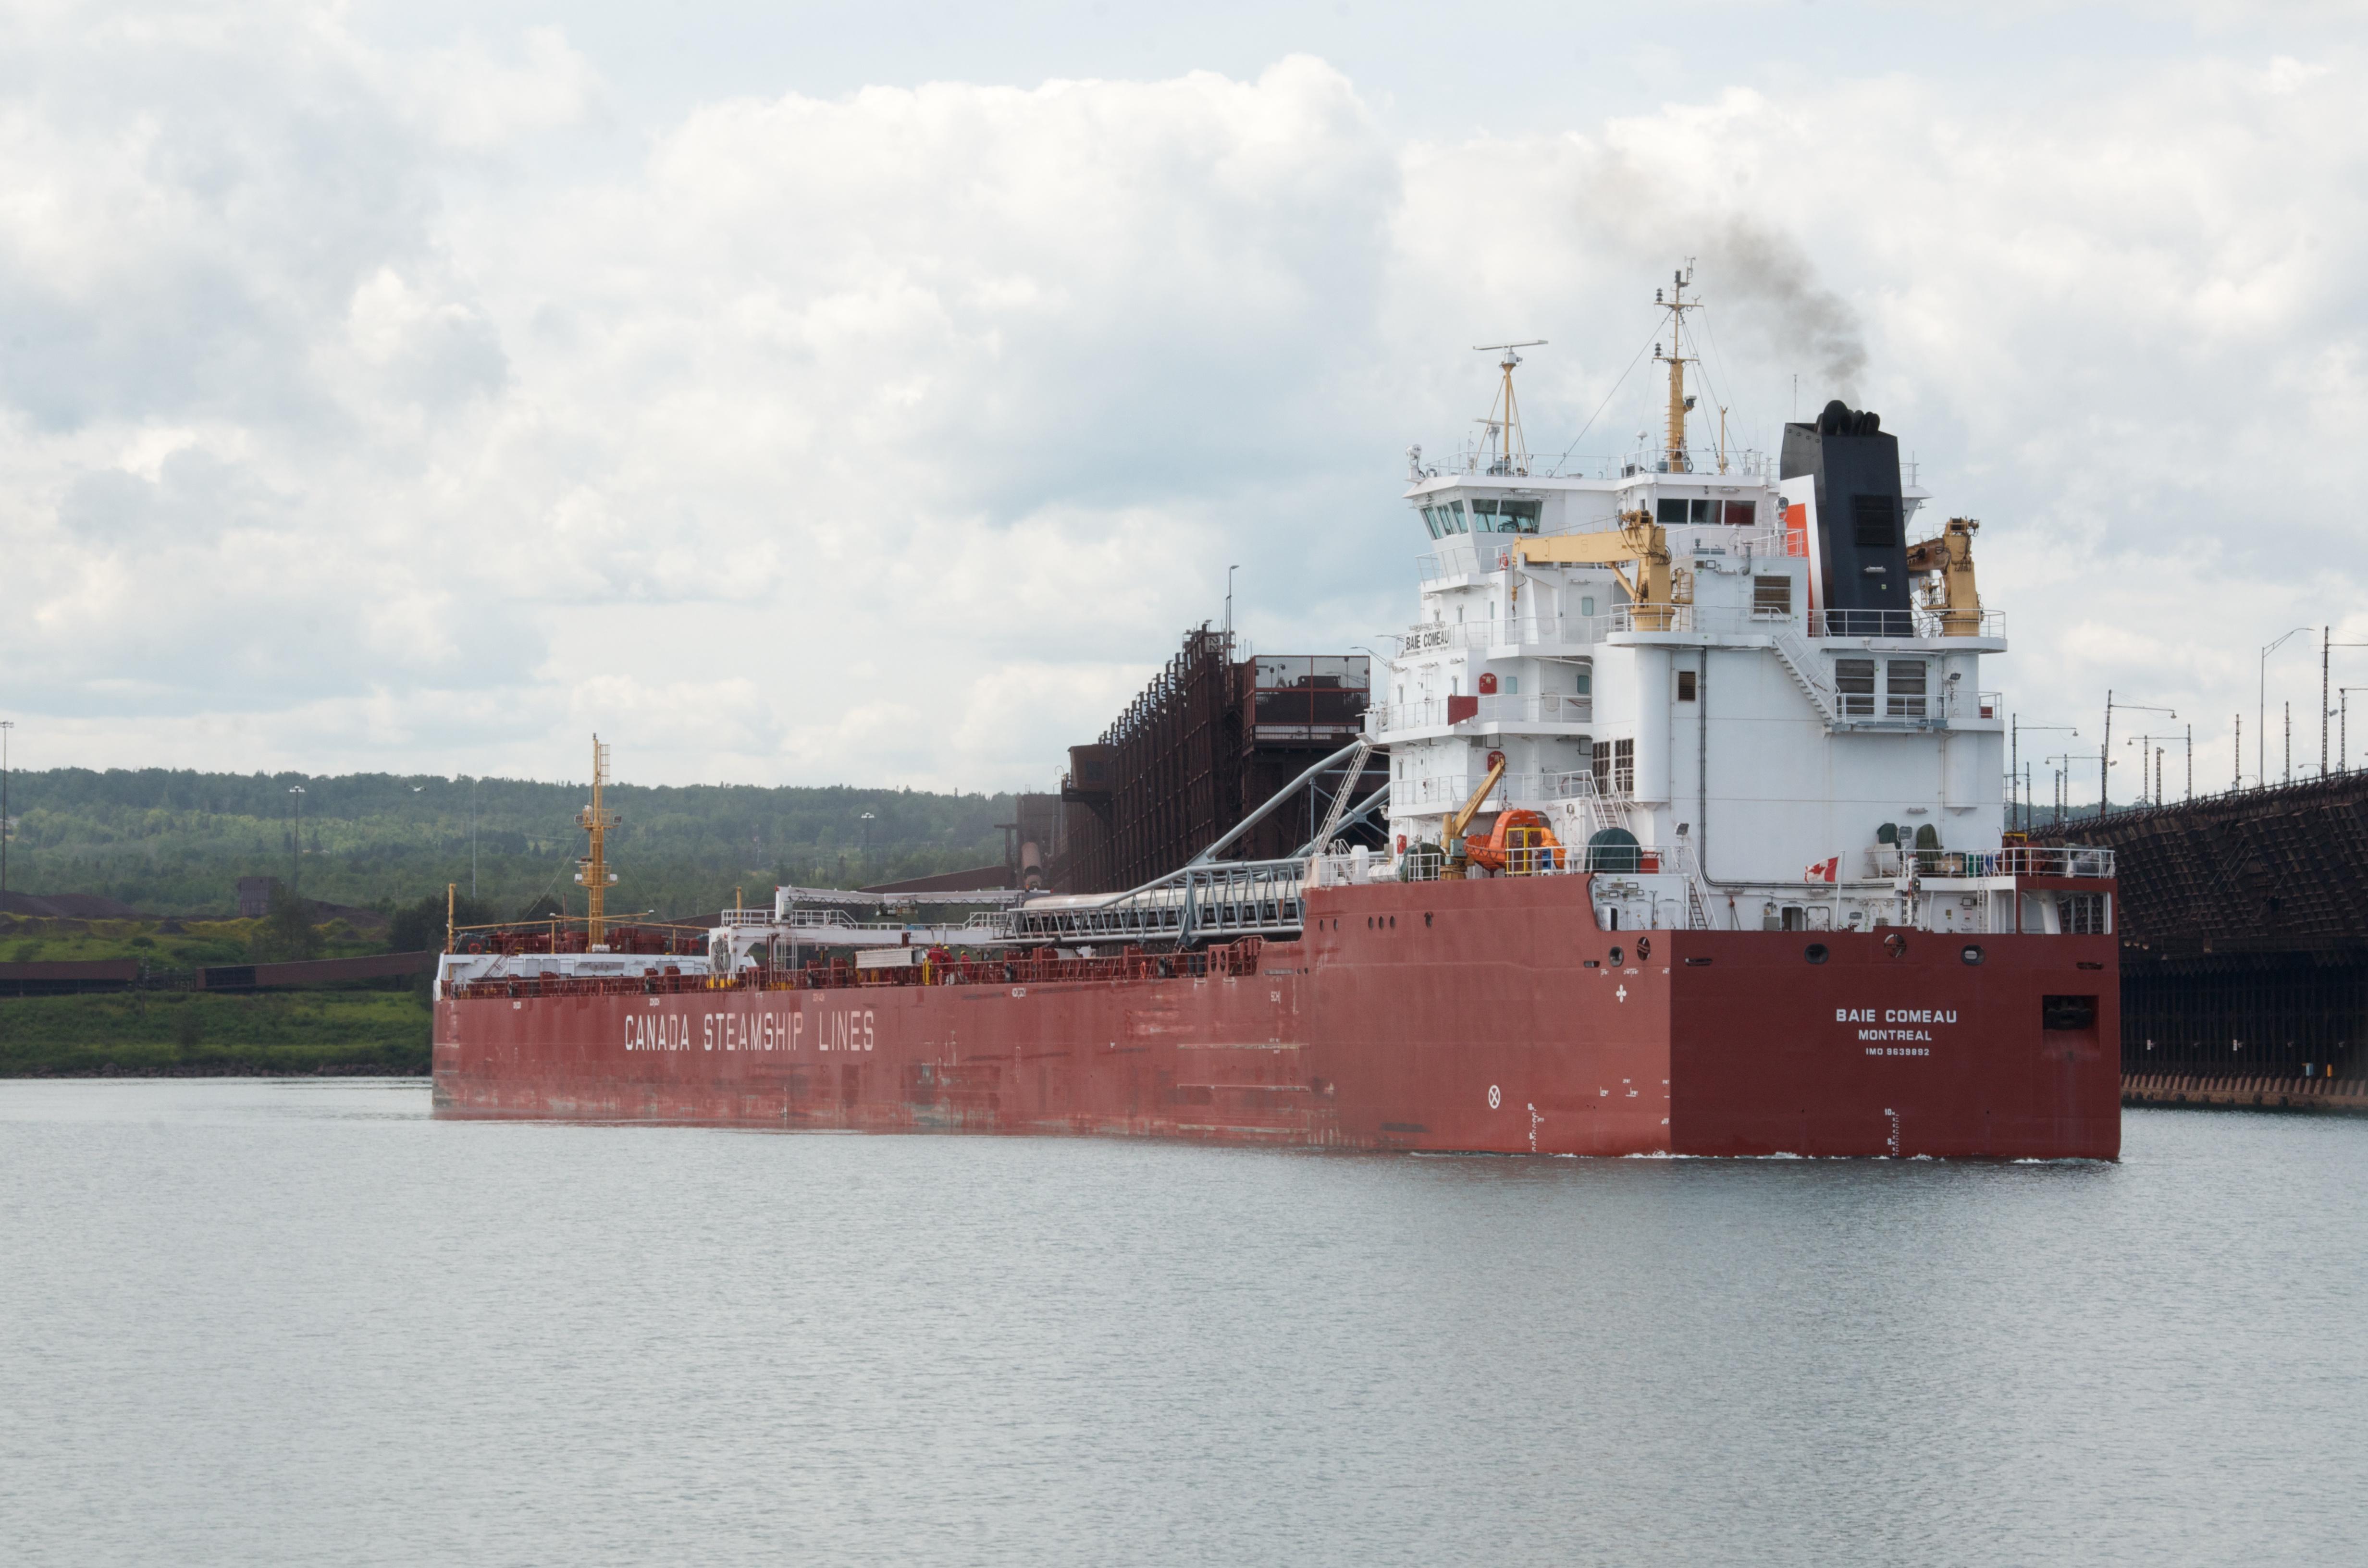 Baie Comeau (2013 ship) - Wikipedia